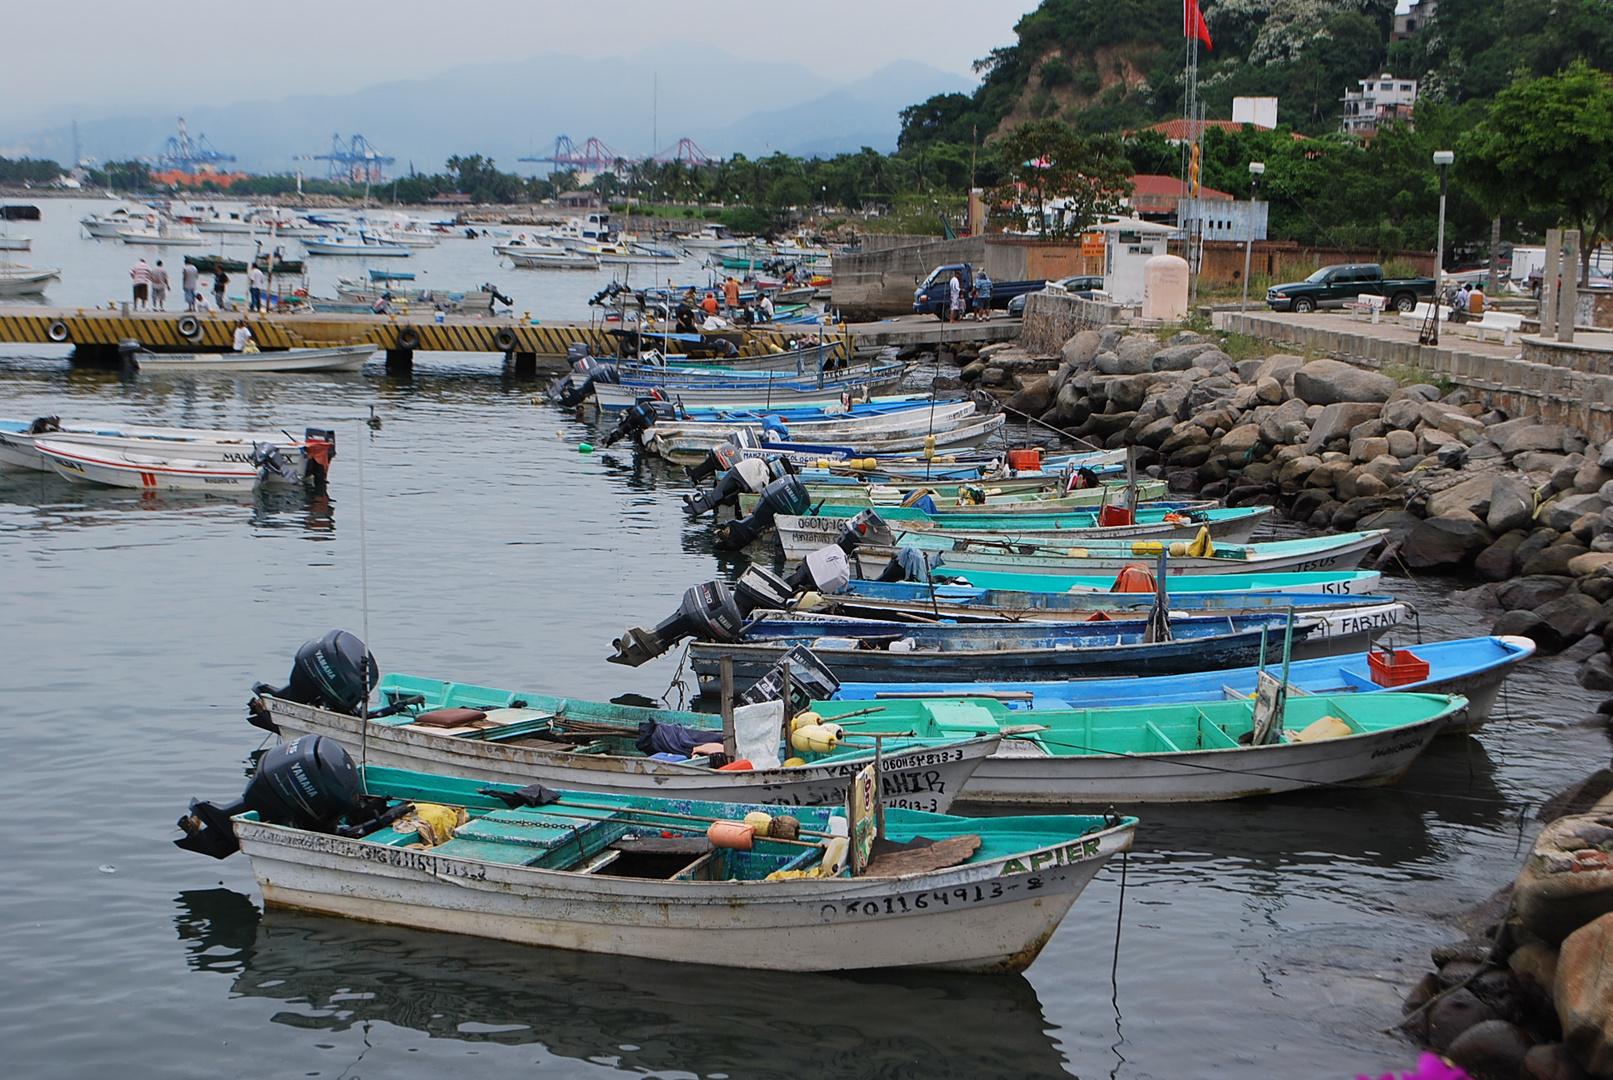 Puerto de Pescadores, Manzanillo -Mexico